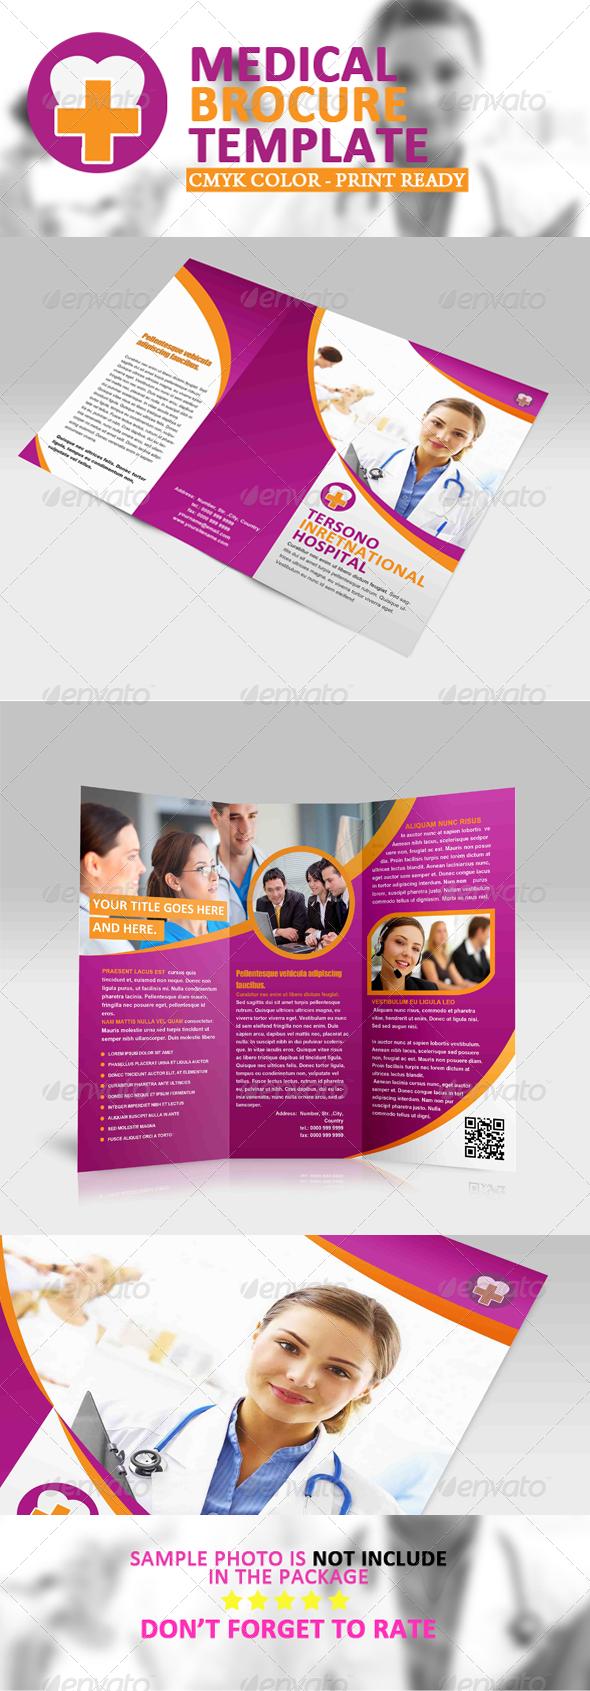 GraphicRiver Trifold Brochure Tersono Medical Template 5449997